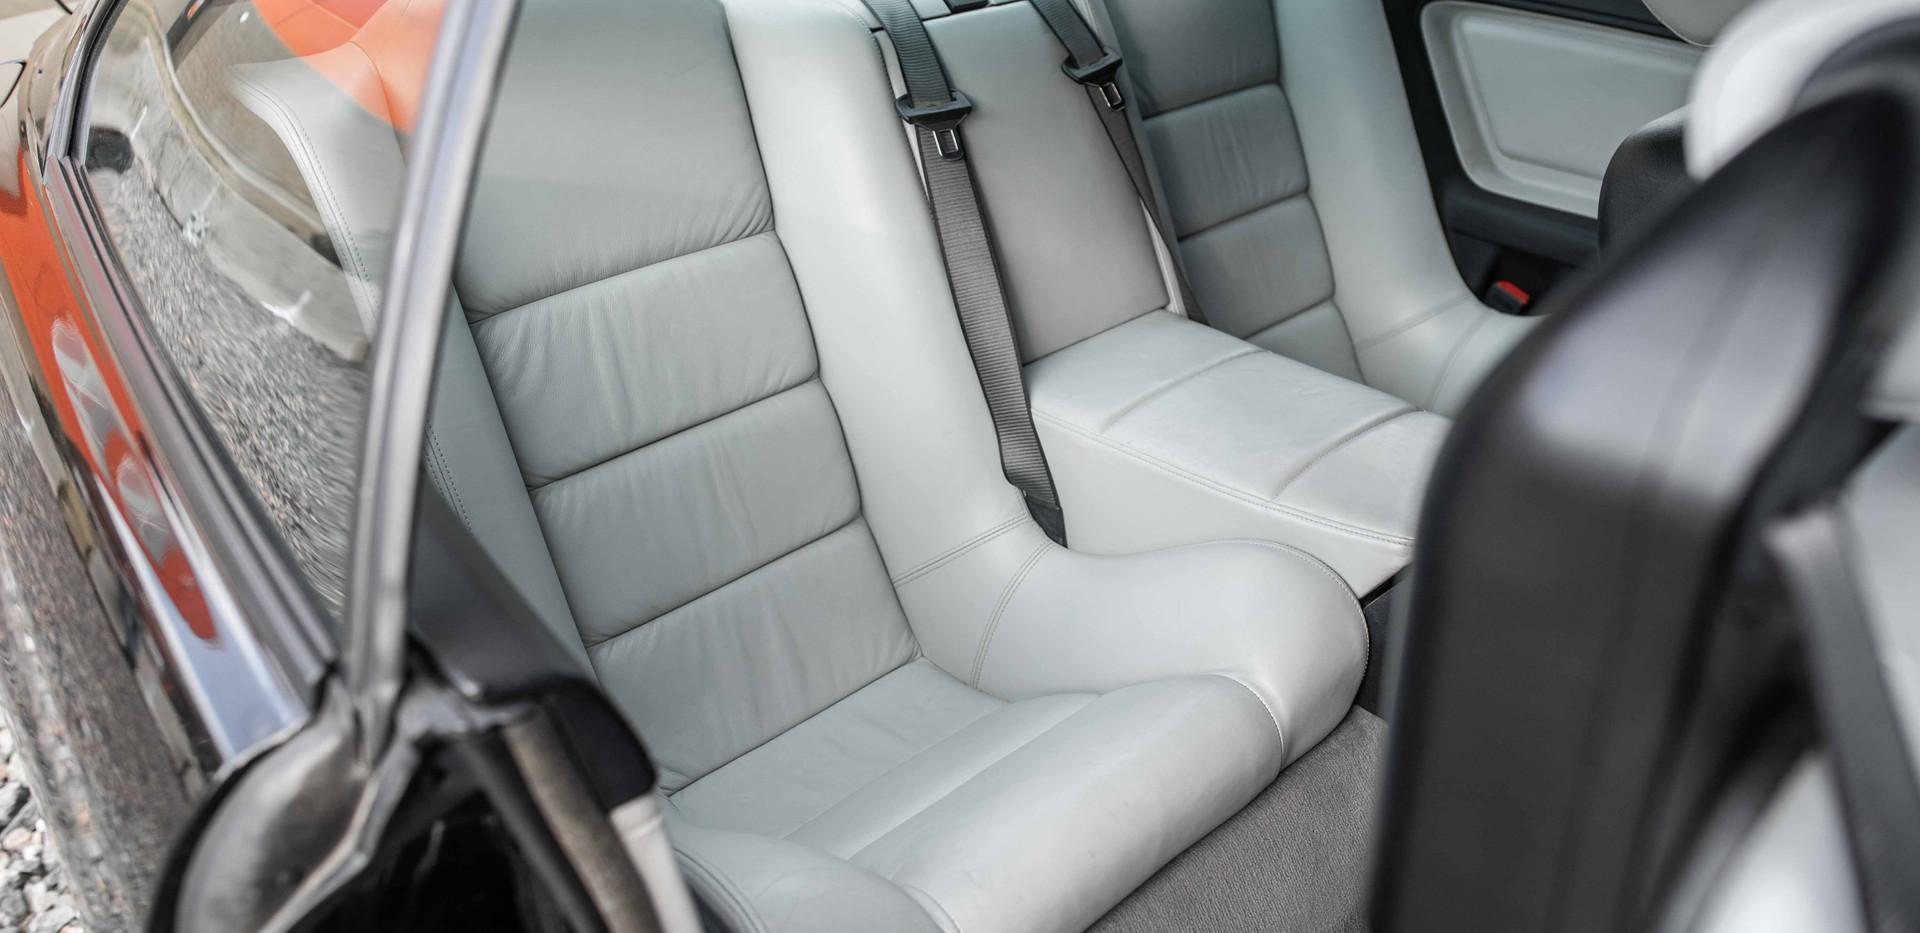 Interior_Rear_Seats_Passenger.jpg